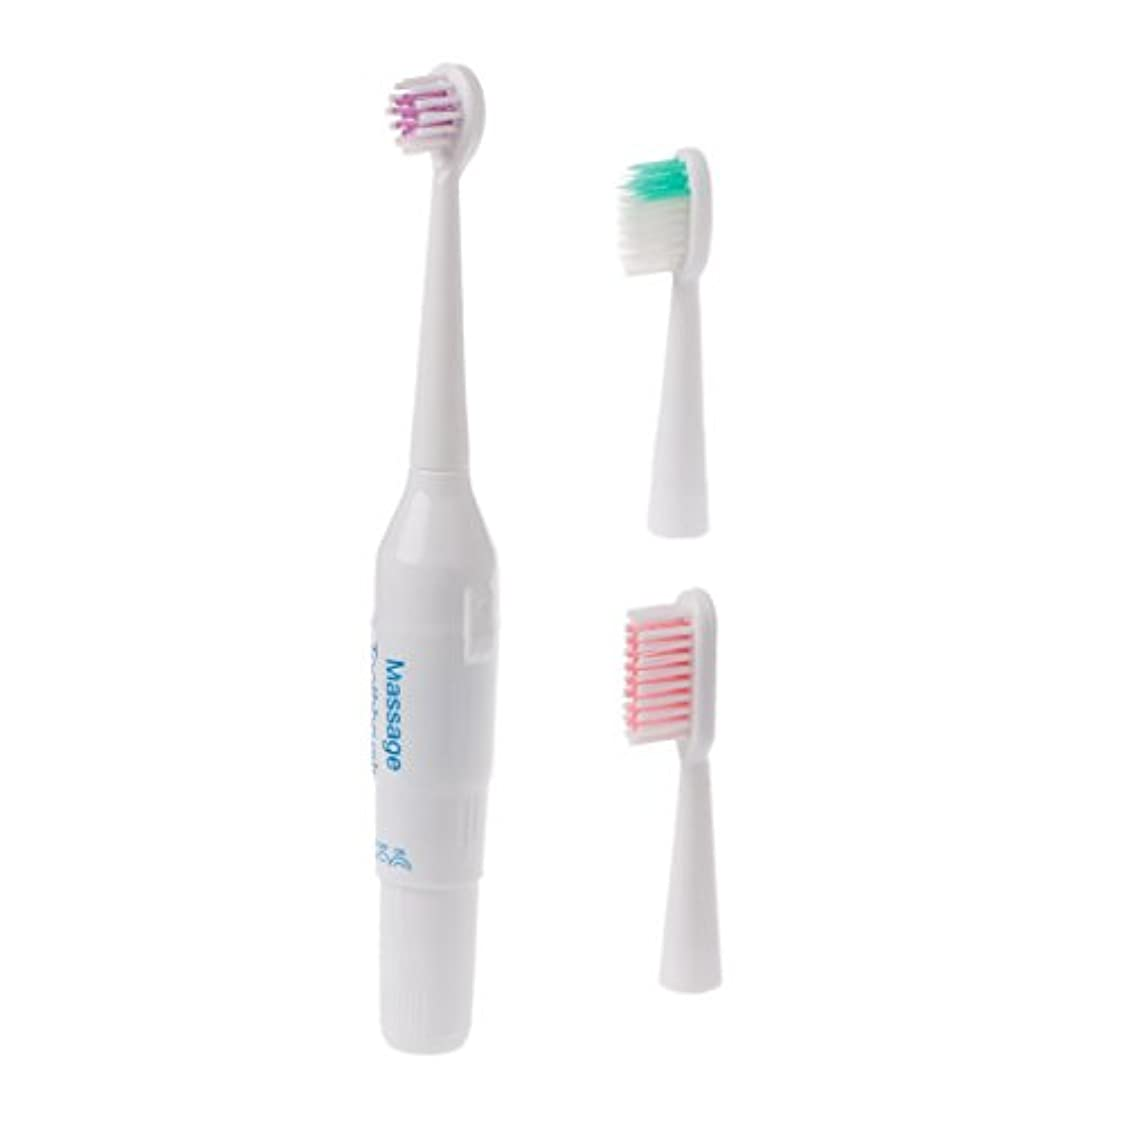 メタリック状態結婚したManyao キッズプロフェッショナル口腔ケアクリーン電気歯ブラシパワーベビー用歯ブラシ